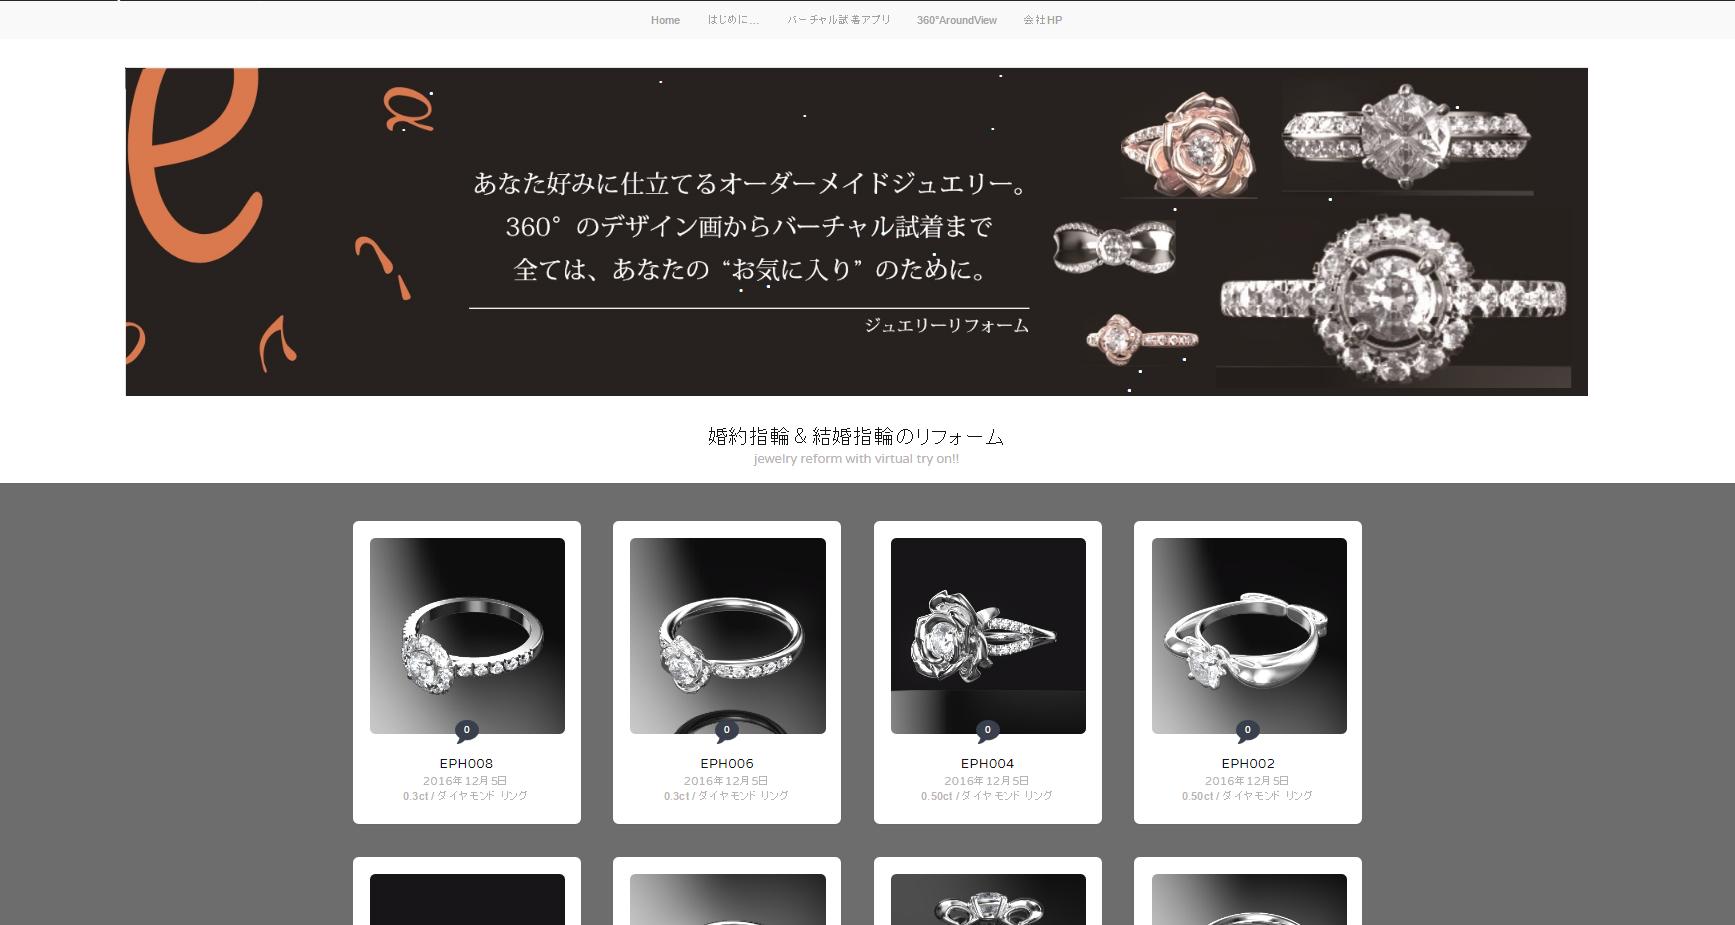 婚約指輪&結婚指輪のリフォームサイト